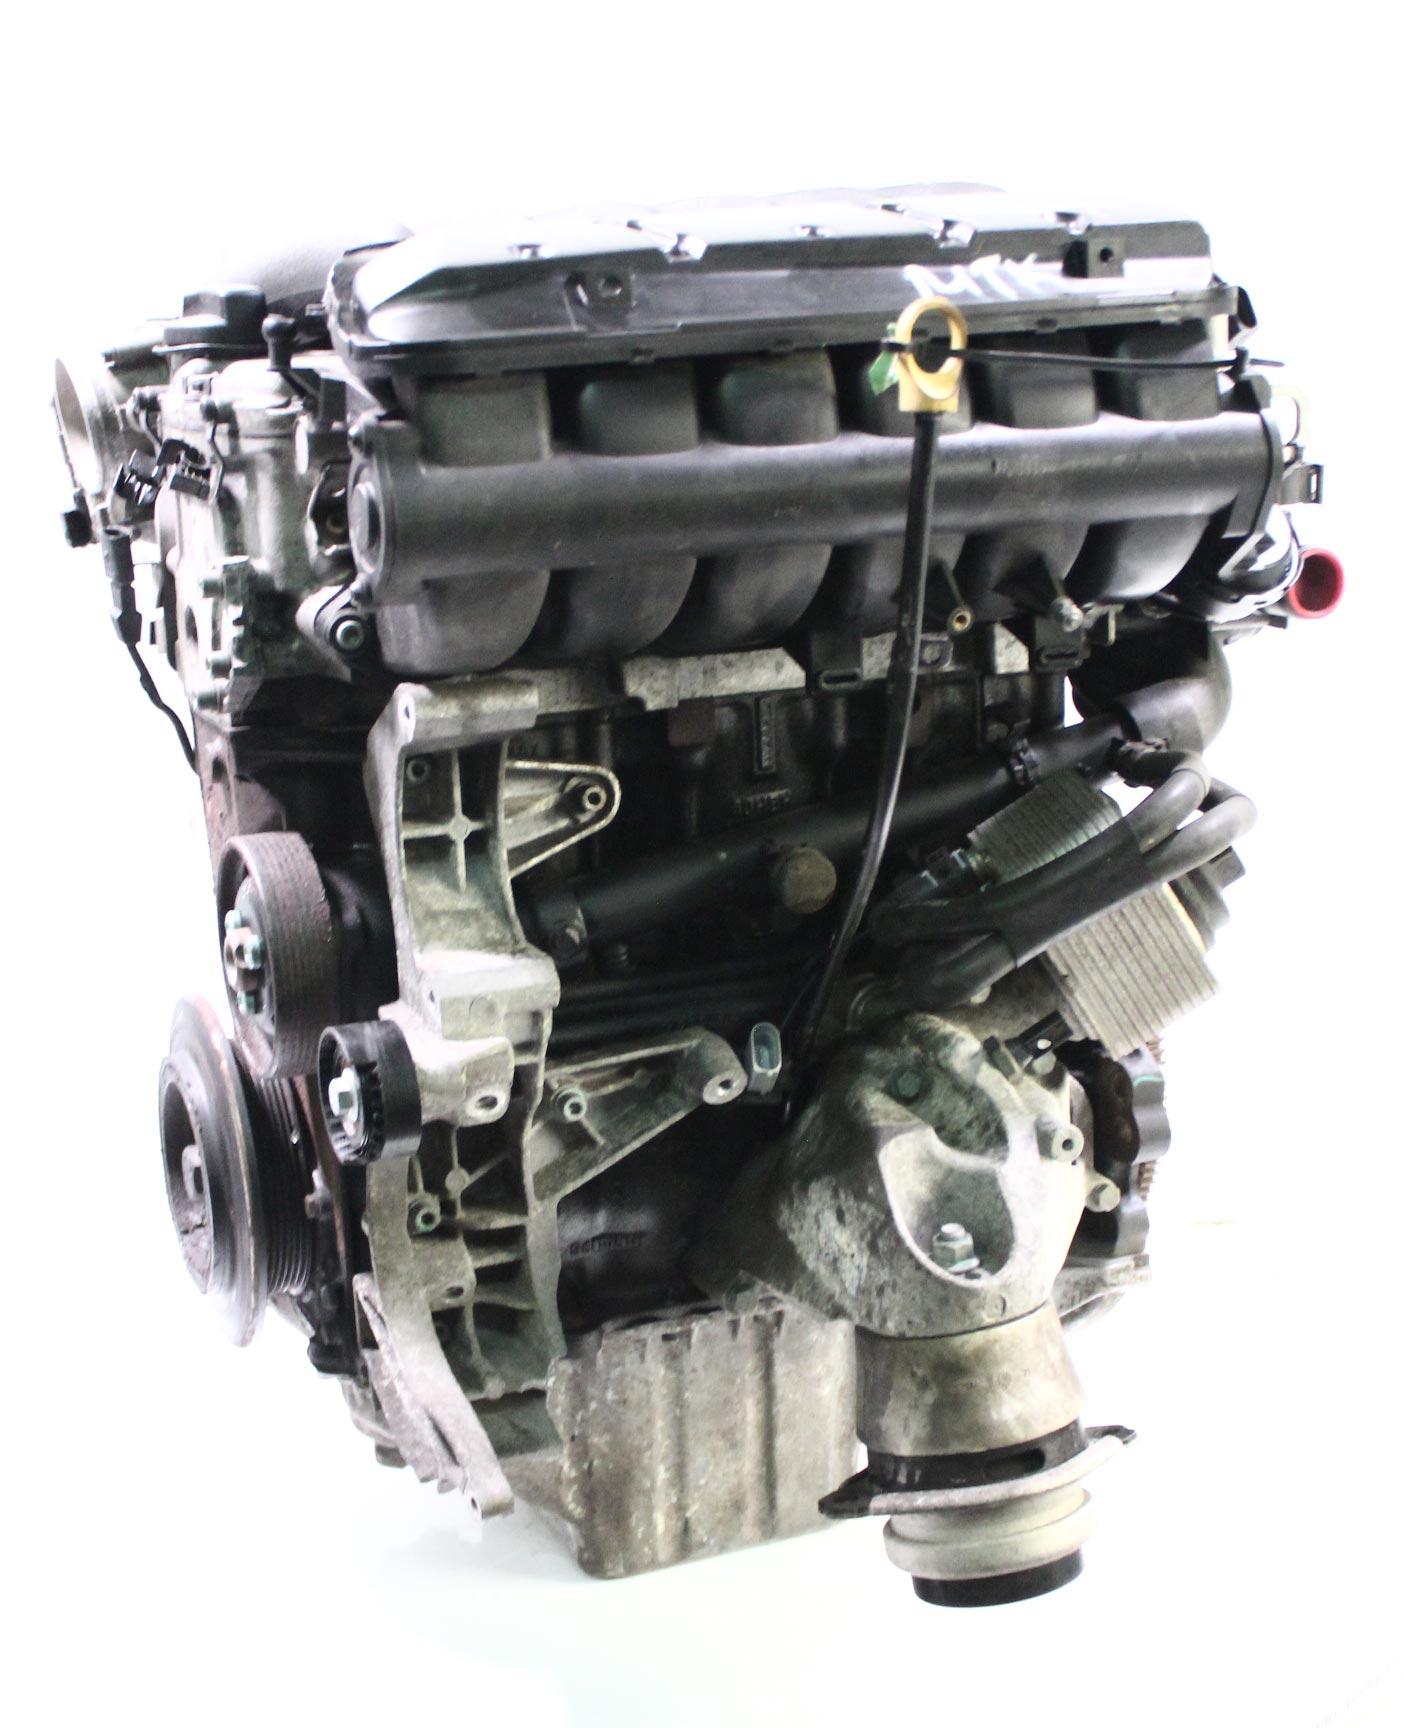 Motor 2005 Porsche Cayenne 3,2 VR6 Benzin BFD 250 PS